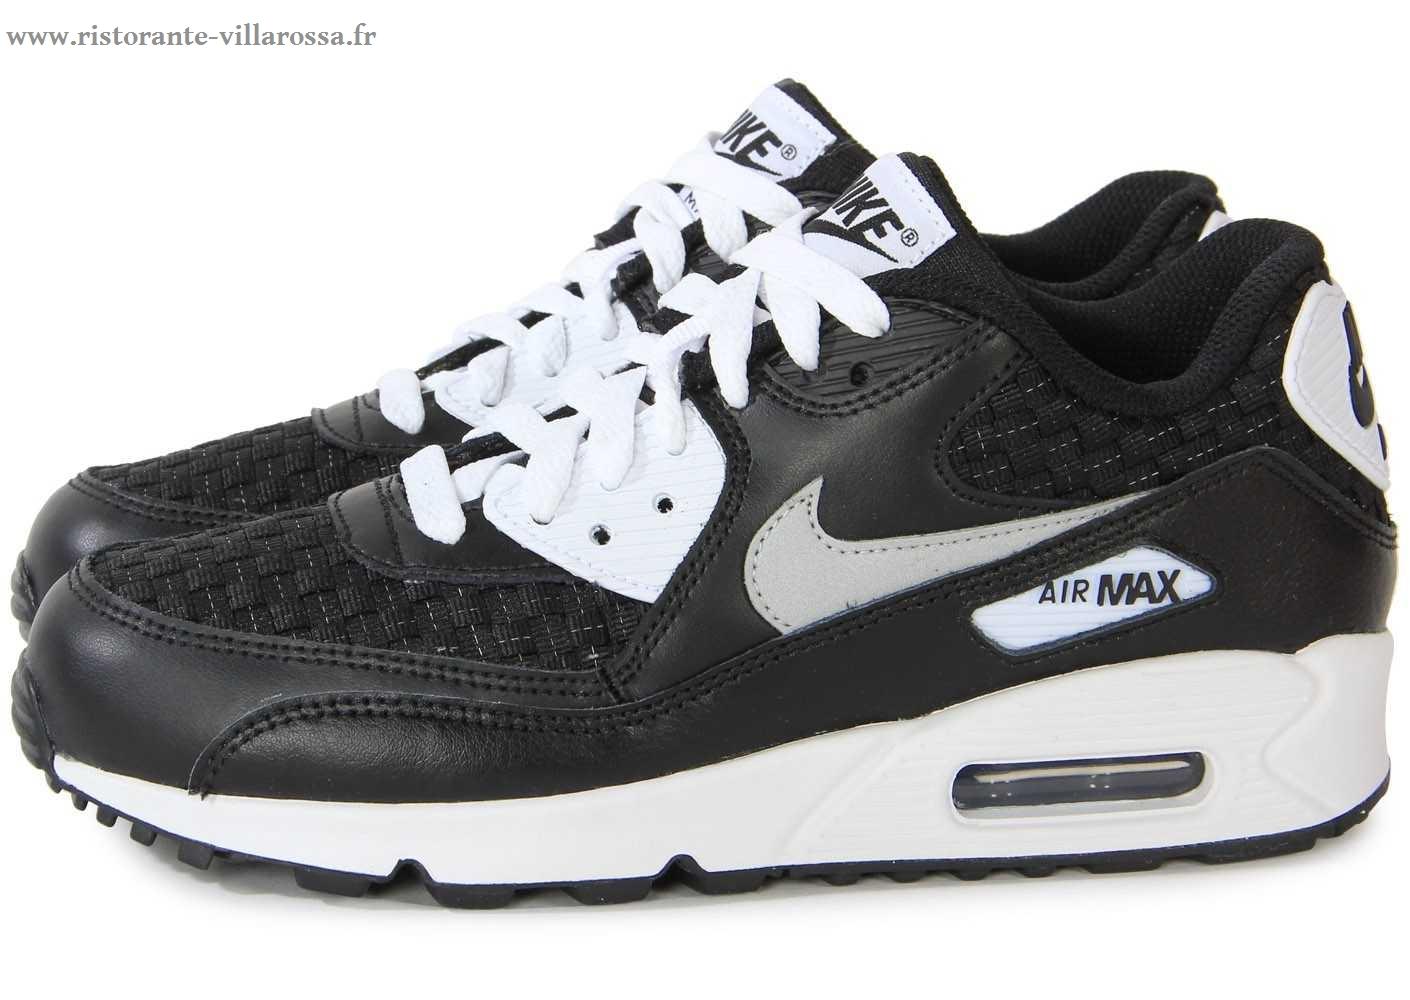 6ca047922aff8 site de max 90 chaussure air 77wqrO6